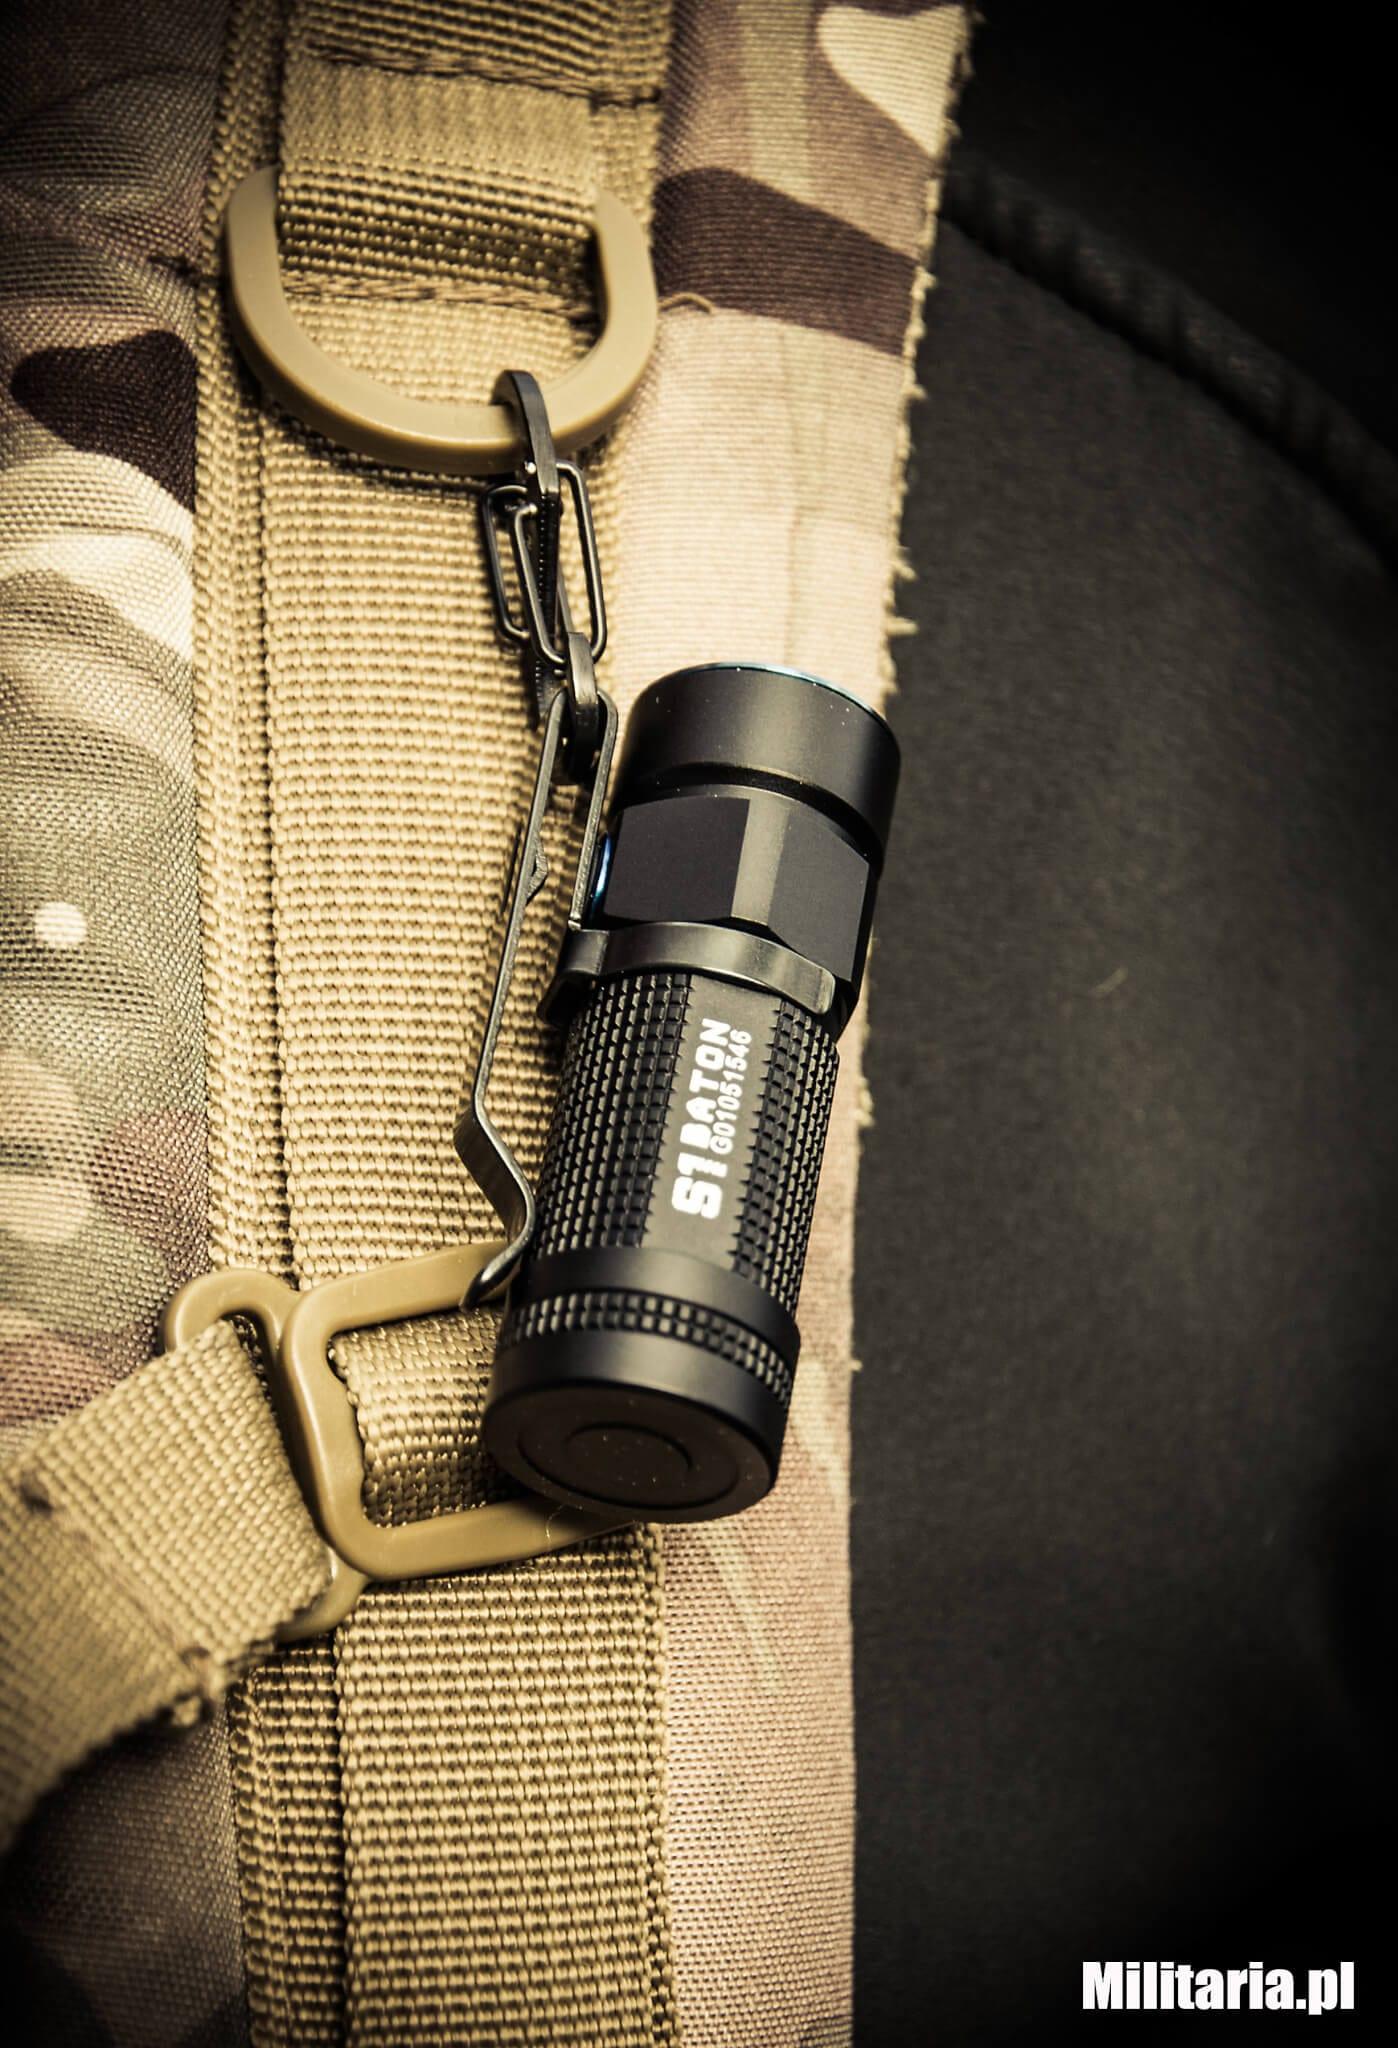 Brelok Nite Ize S-Biner KeyRack Black z latarką